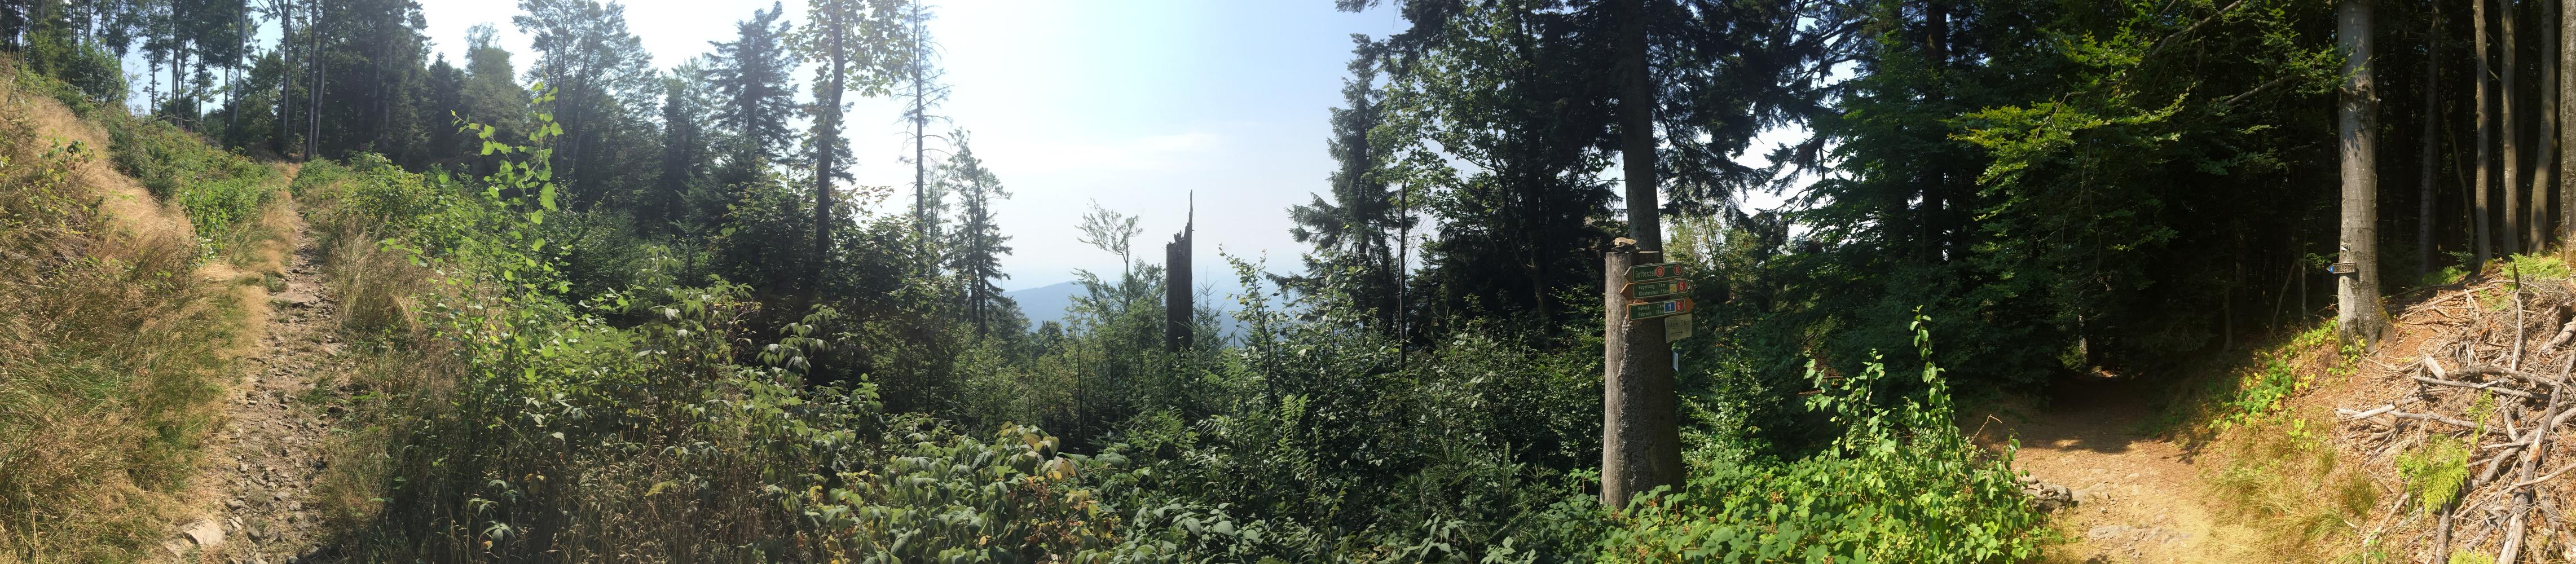 Mountainbiking im bayerischen Wald: Panoramablick am Regensburger Stein, bayrischer Wald, Ostbayern.